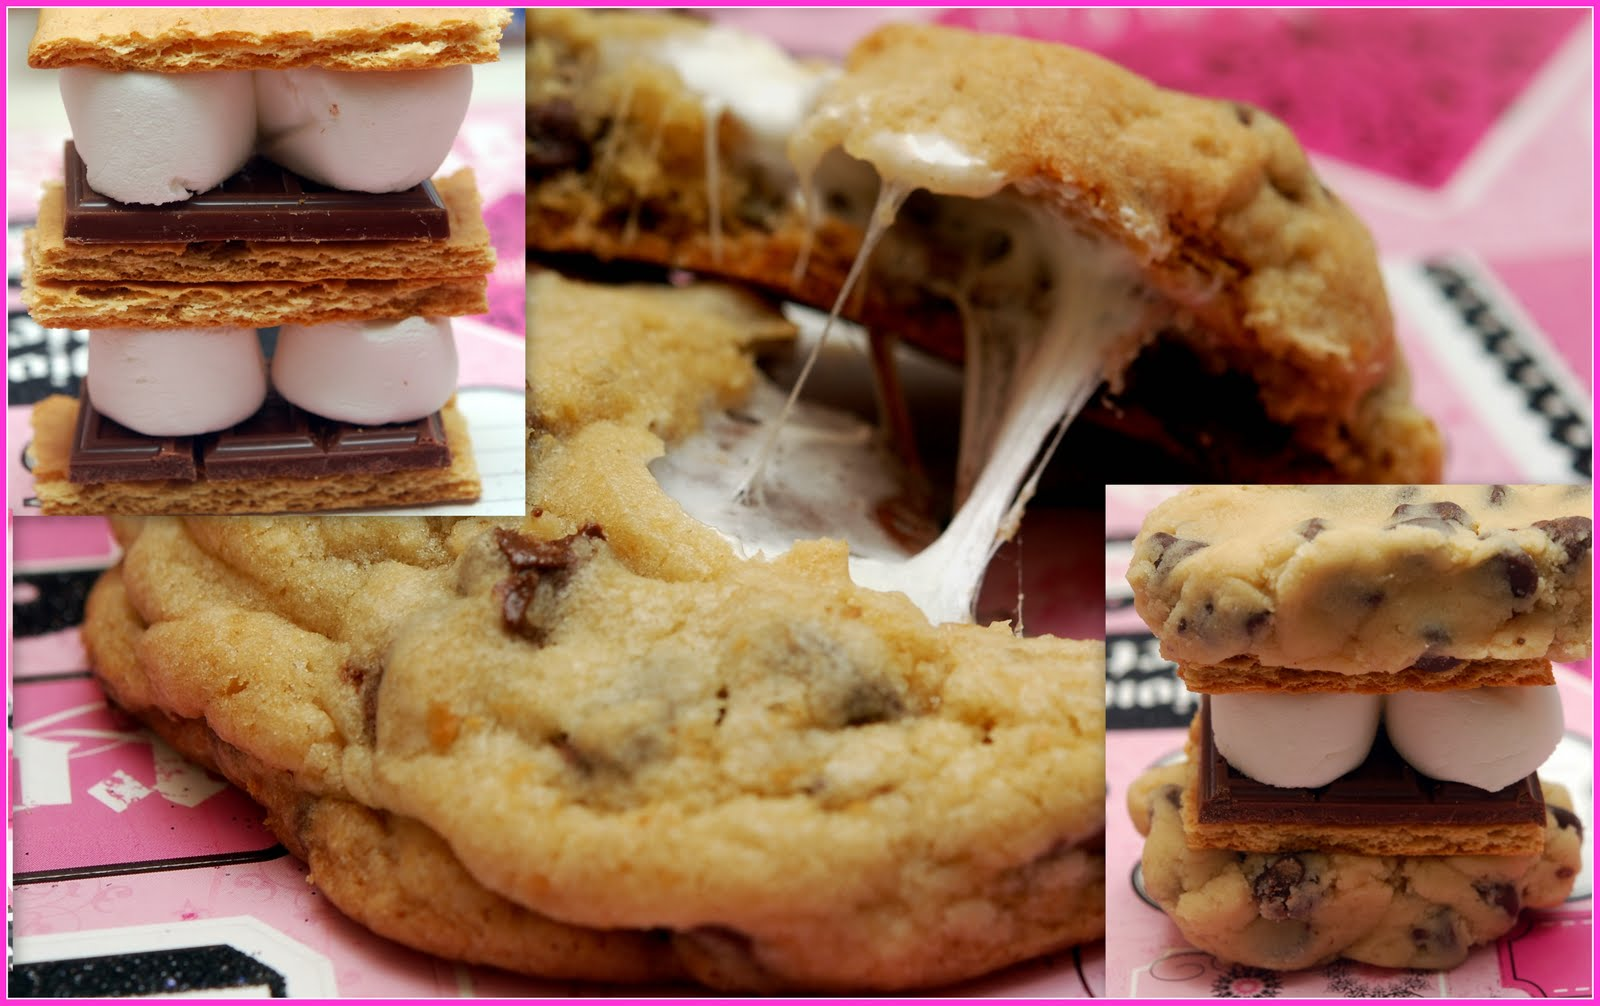 more stuffed cookies - Hugs and Cookies XOXO